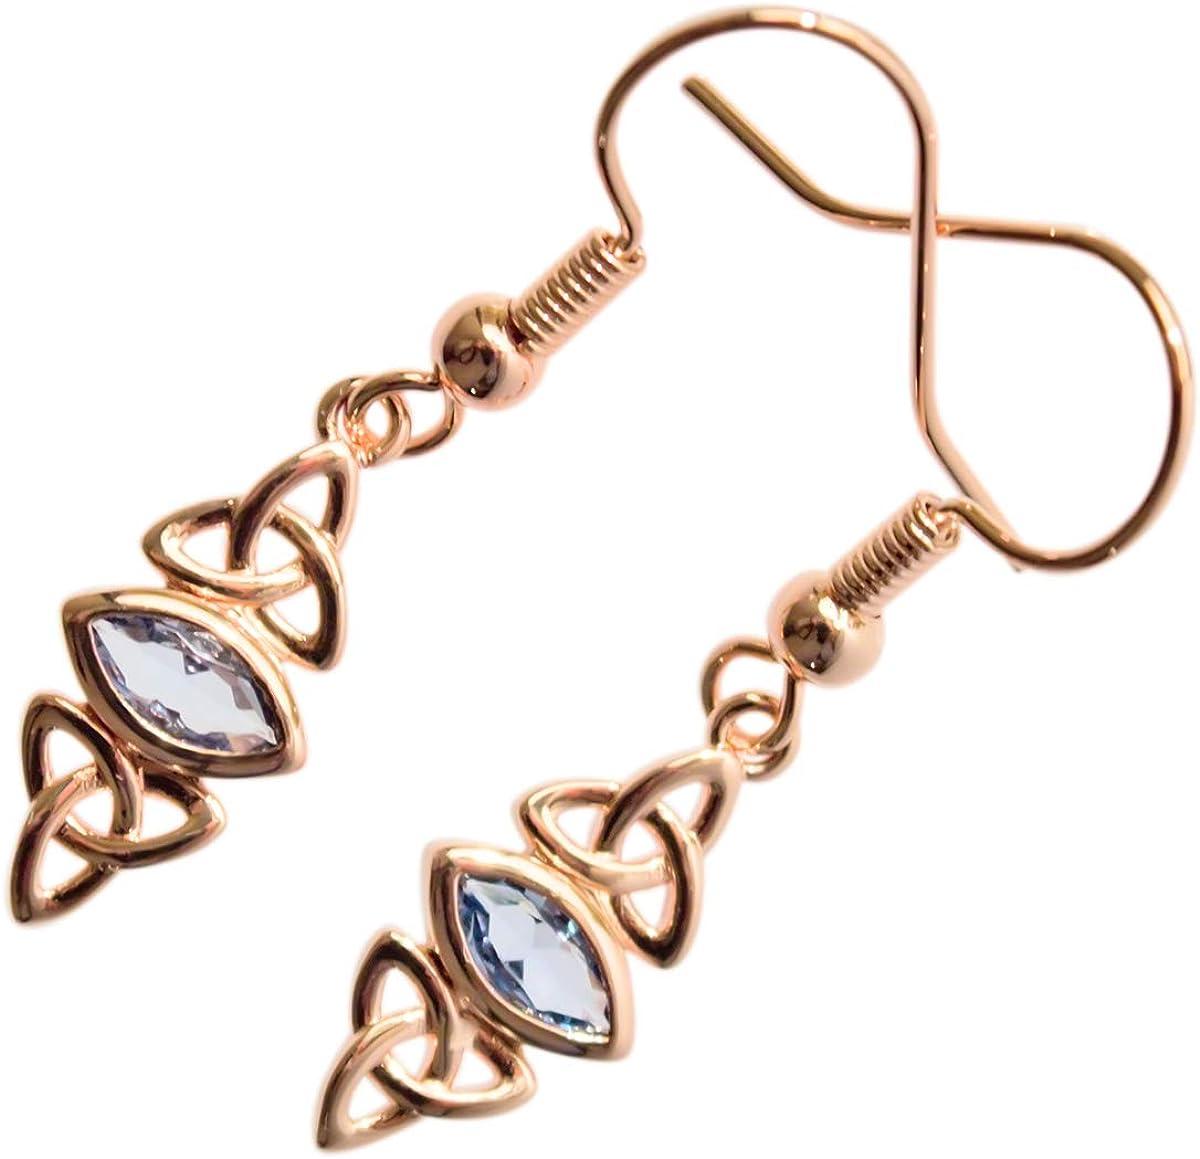 GWG Jewellery Pendientes Mujer Regalo Pendientes Colgantes, Chapados en Oro Rosa 18K Triquetras Celtas de Trinidad Abrazadas Cristal de Colores Varios para Mujeres